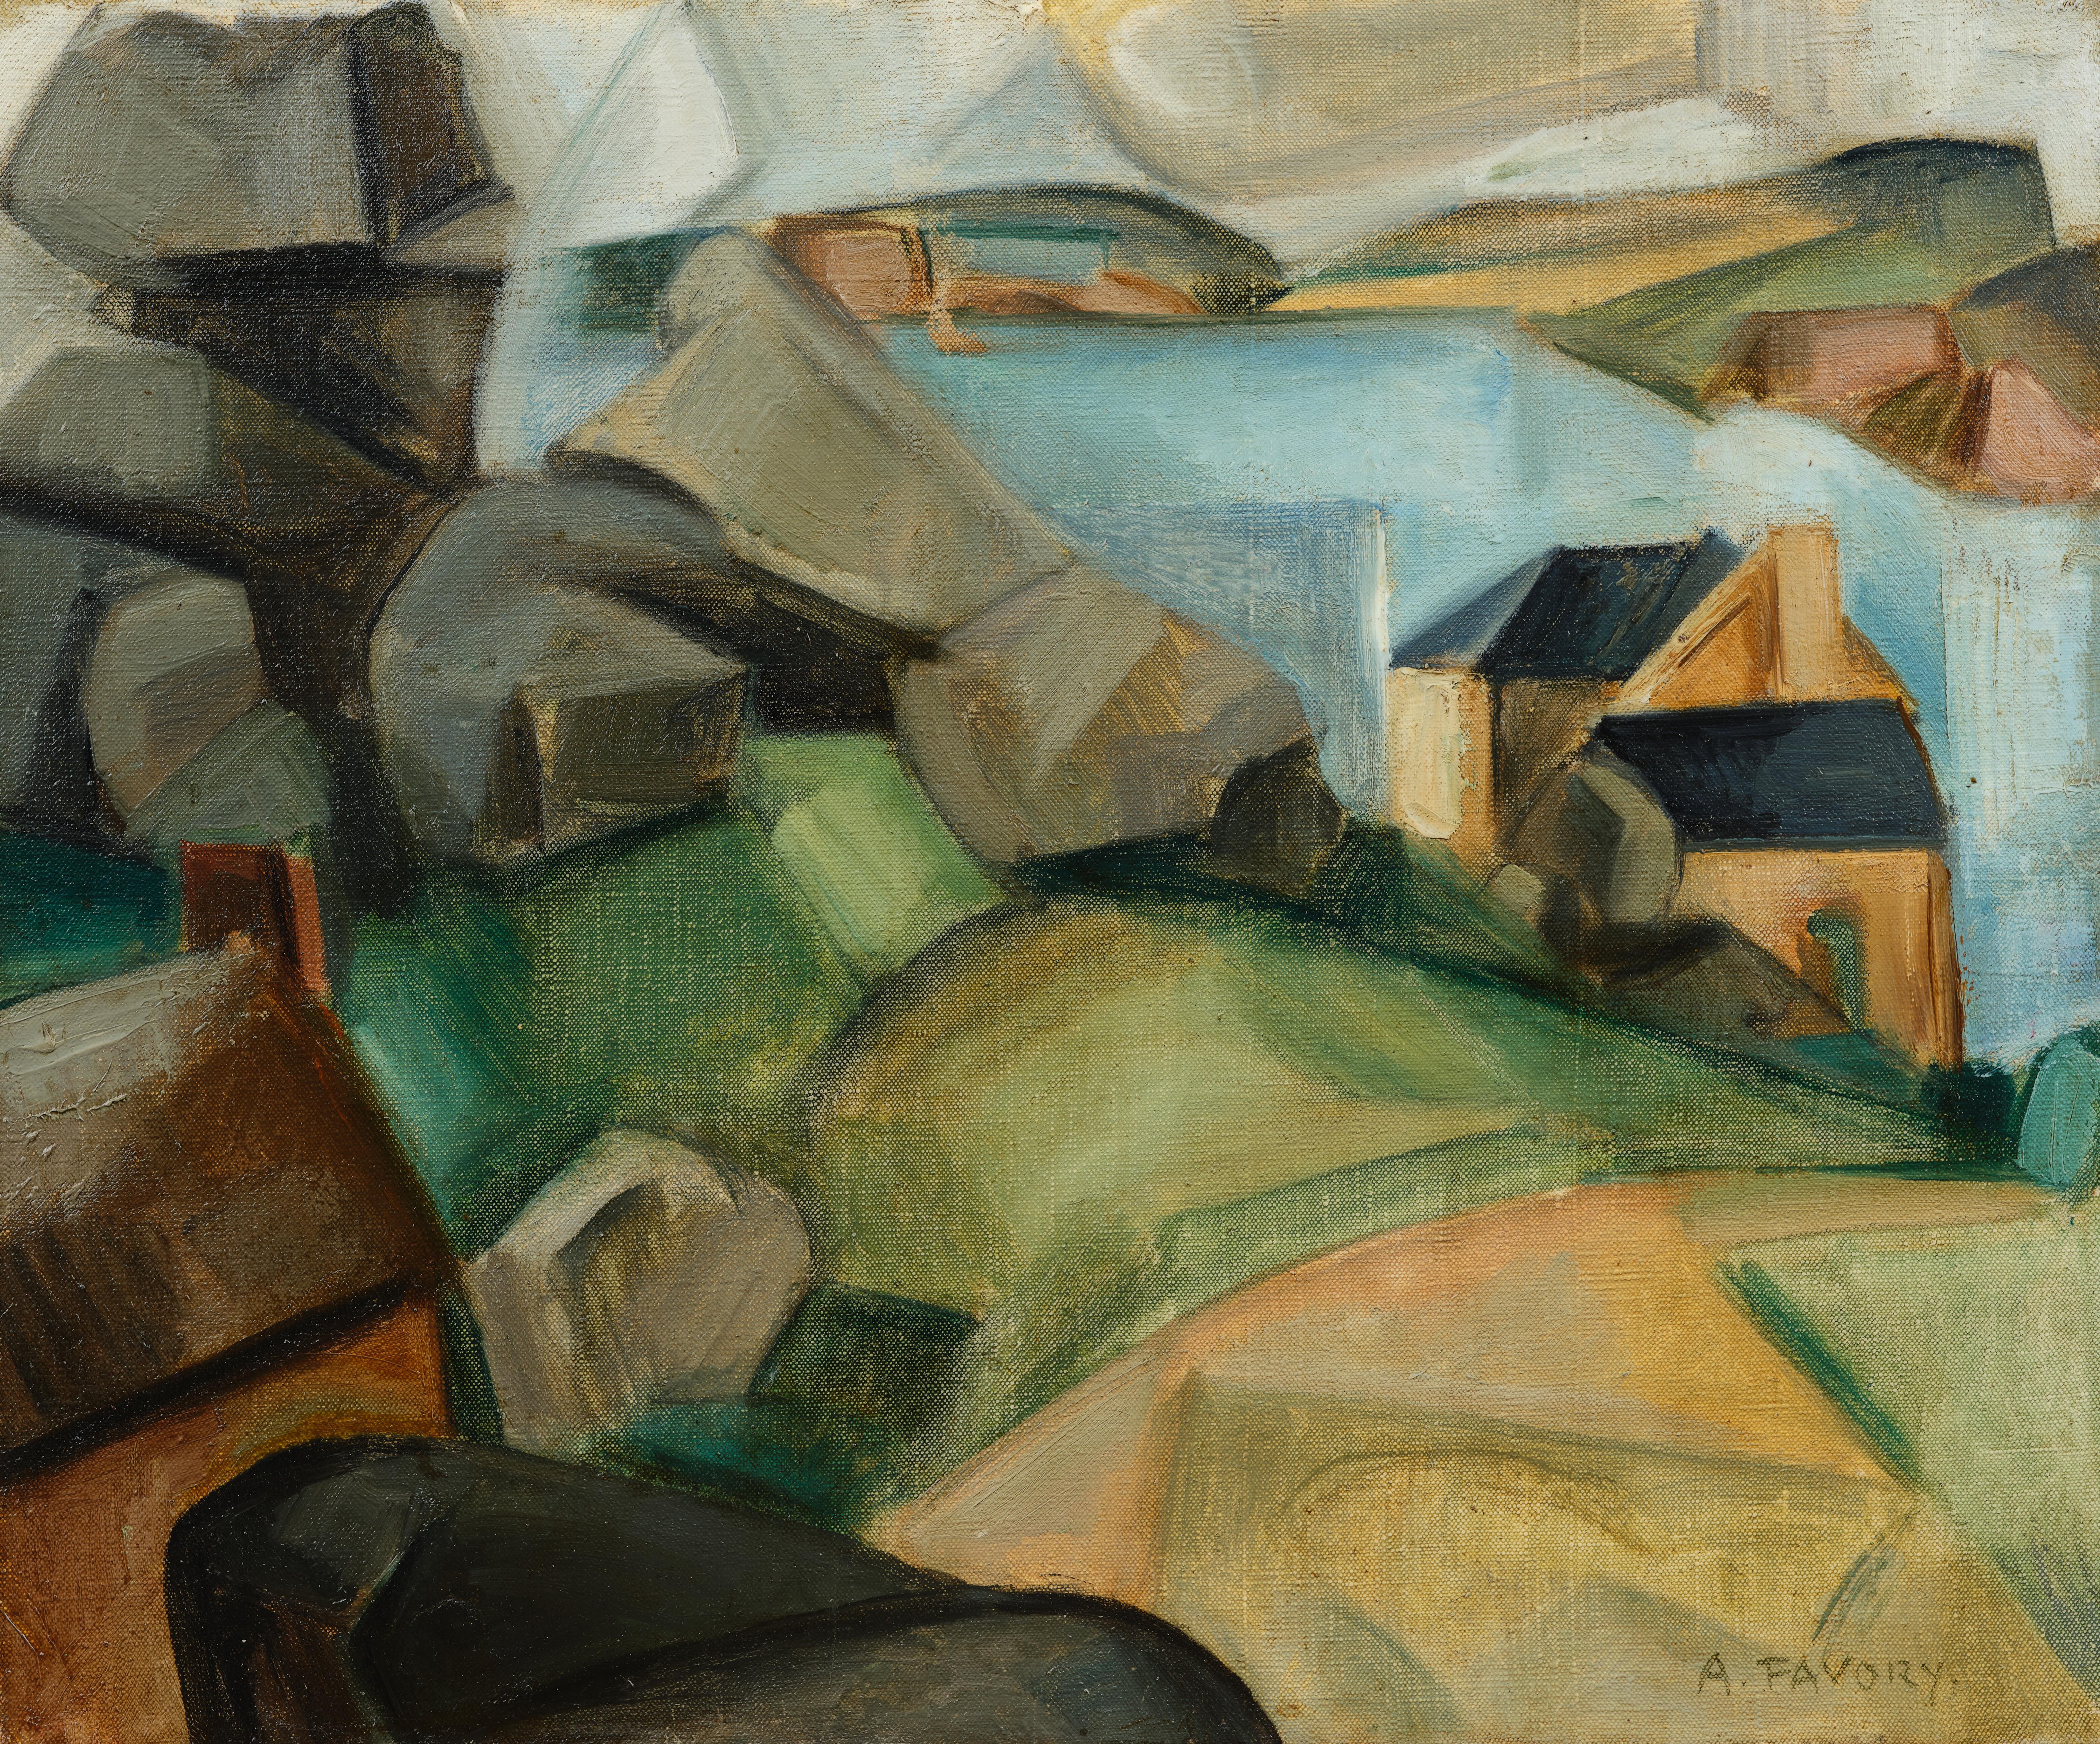 Bord de mer cubiste en Bretagne - tableau de André Favory, vendu par la galerie Marek & Sons